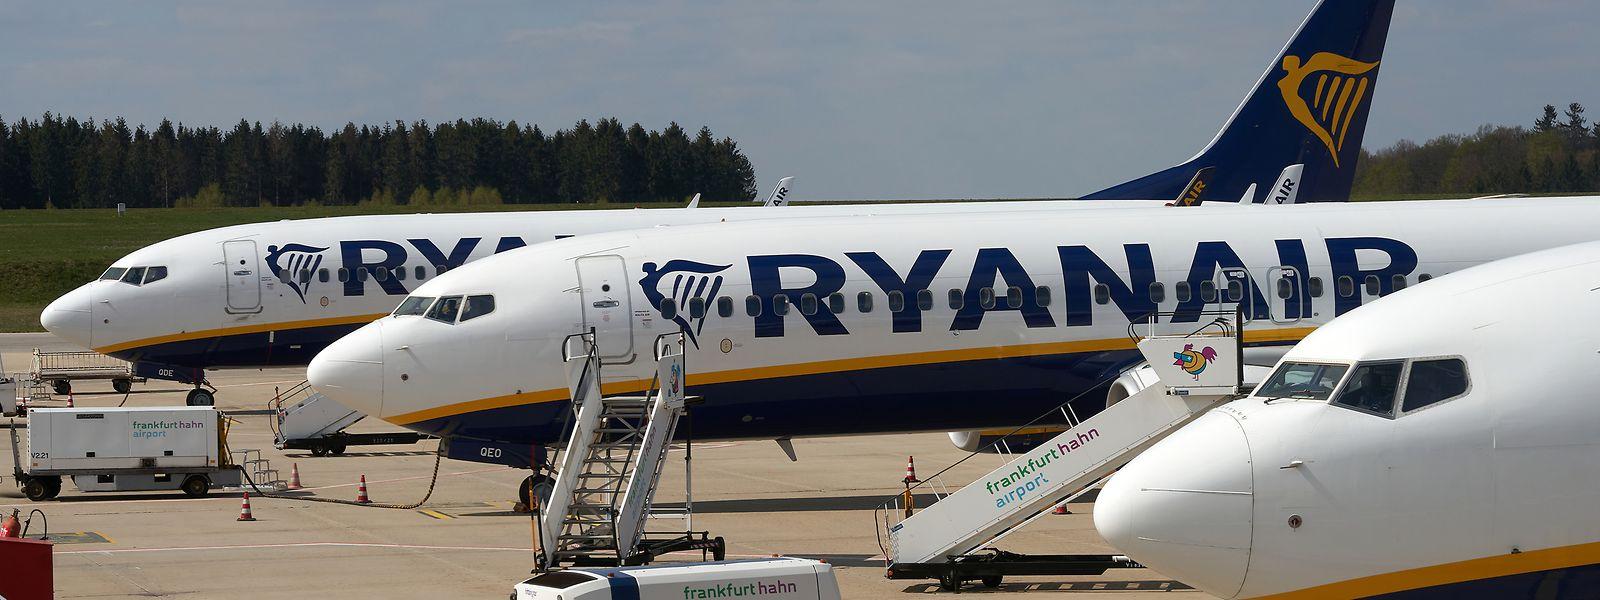 Maschinen des irischen Billigfliegers Ryanair stehen vor dem Passagierterminal des Flughafens Hahn.